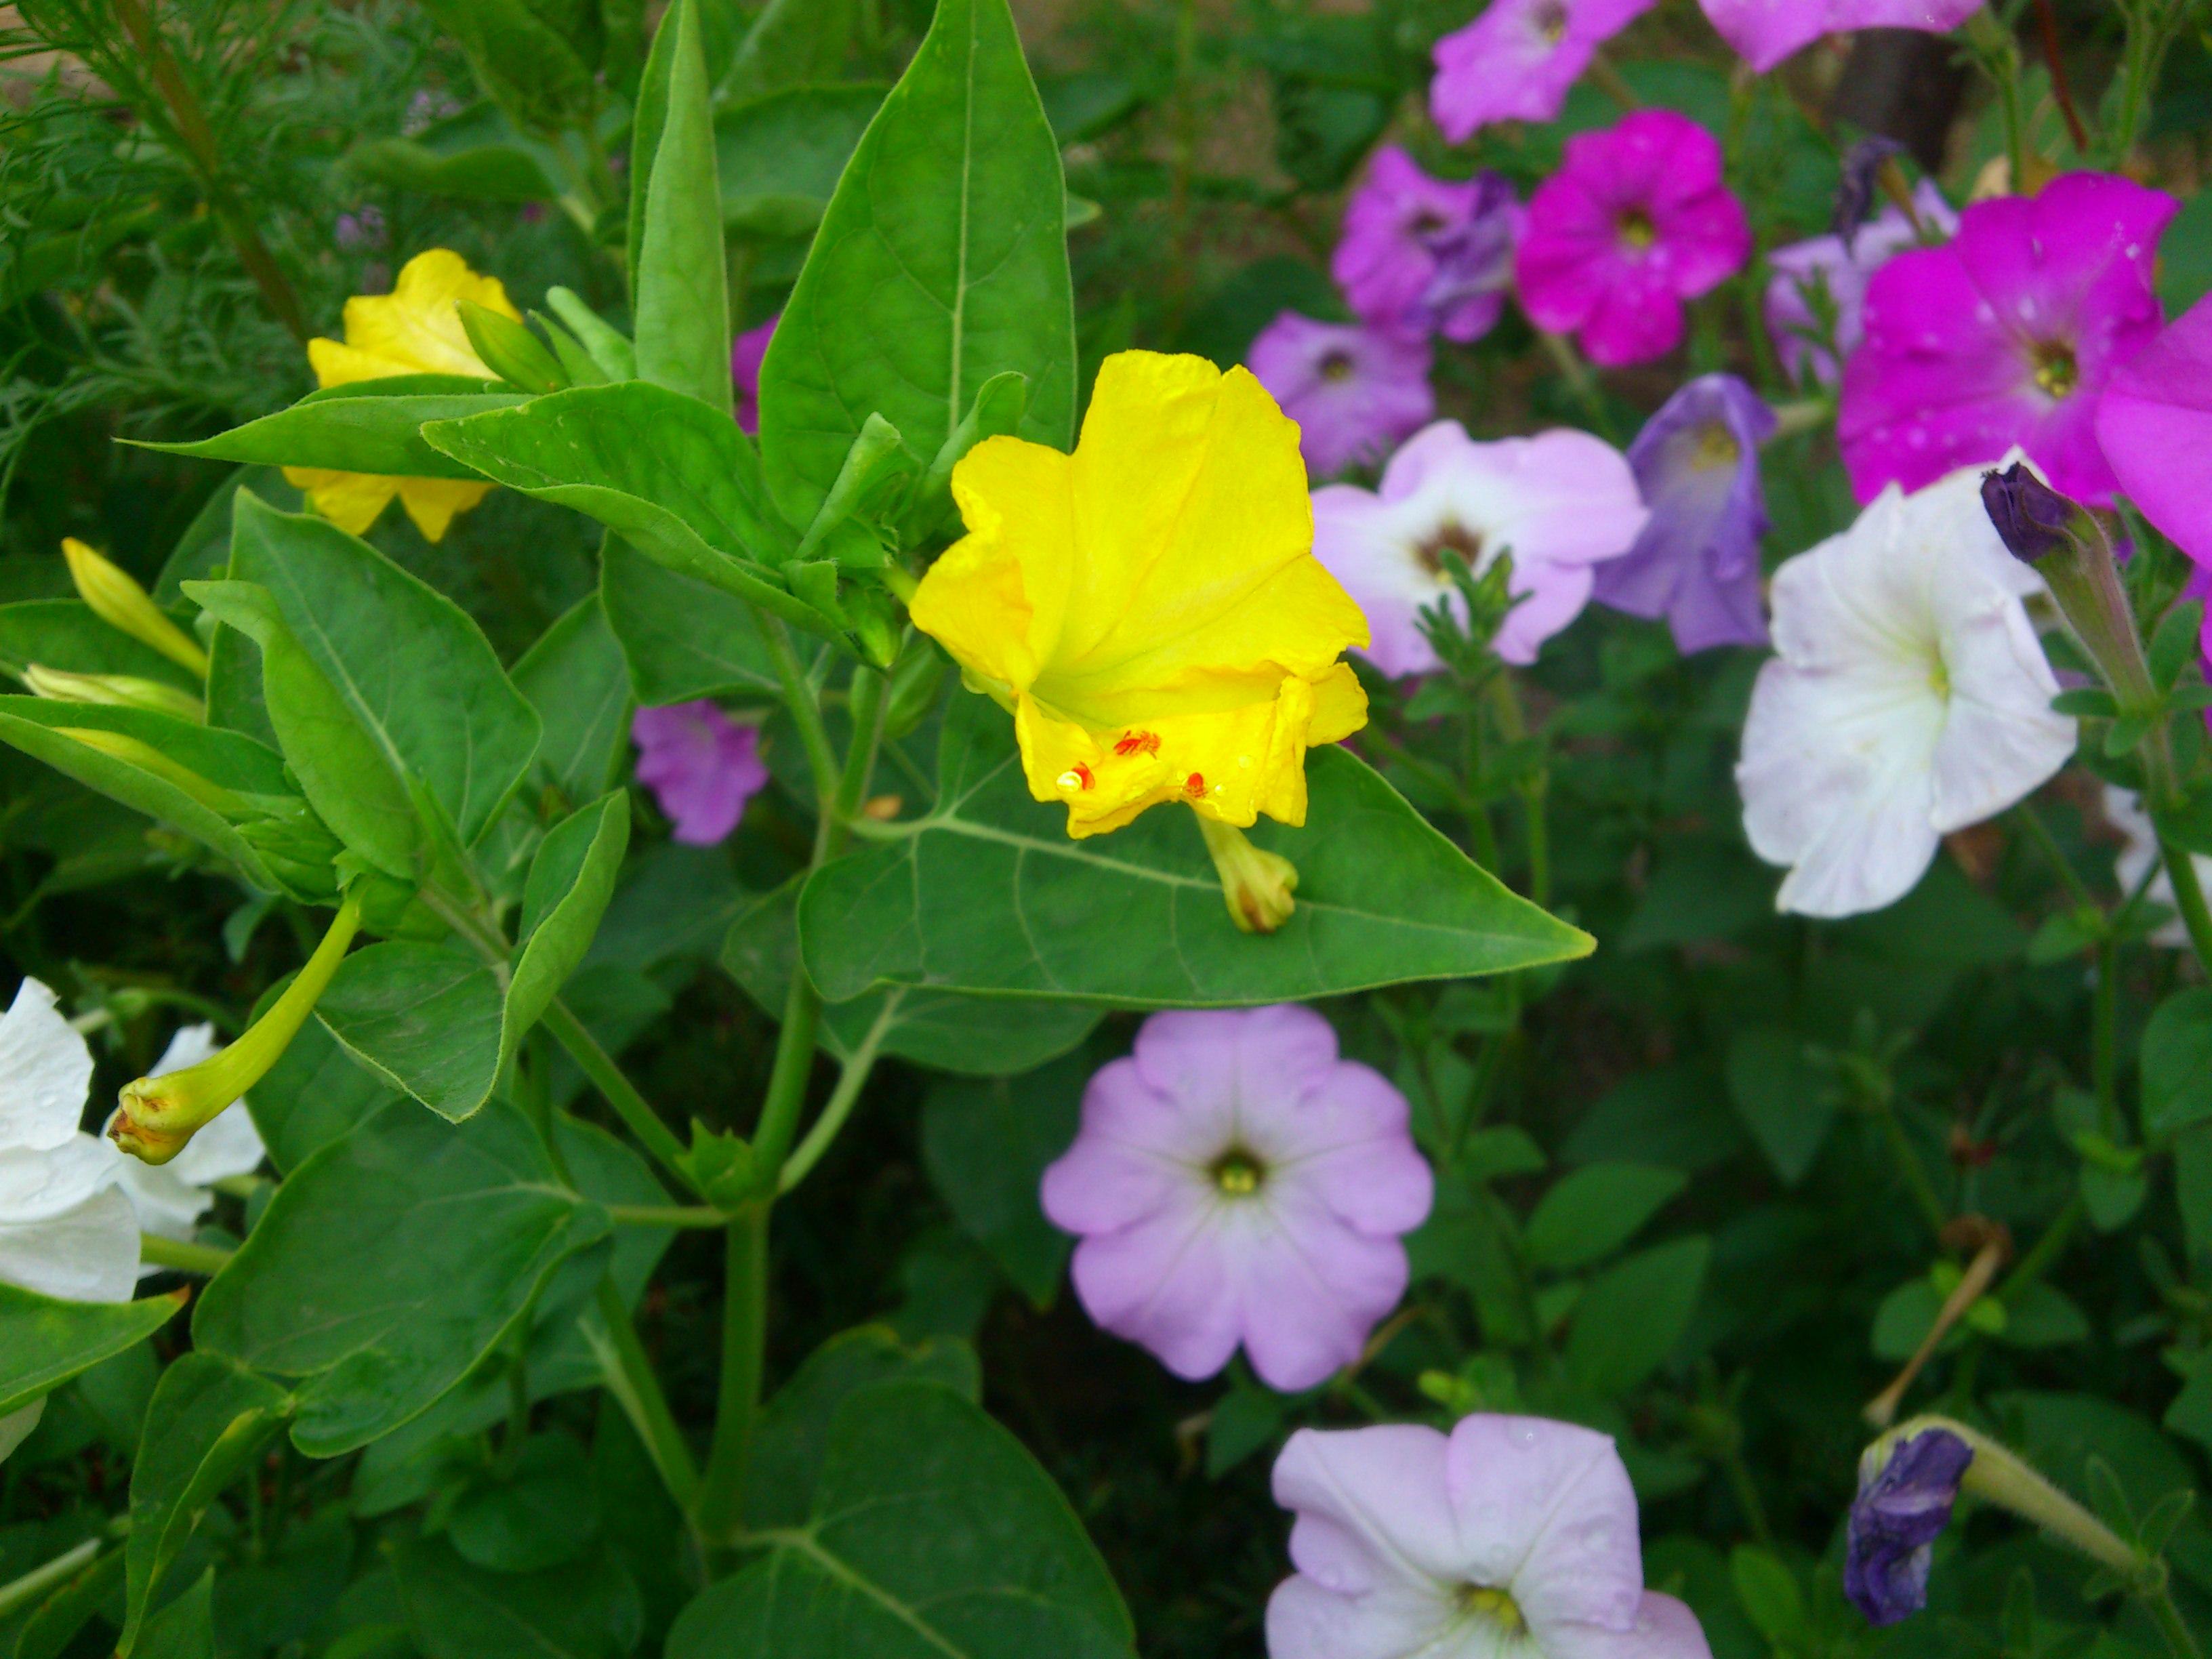 عکس2:«گل زرد»